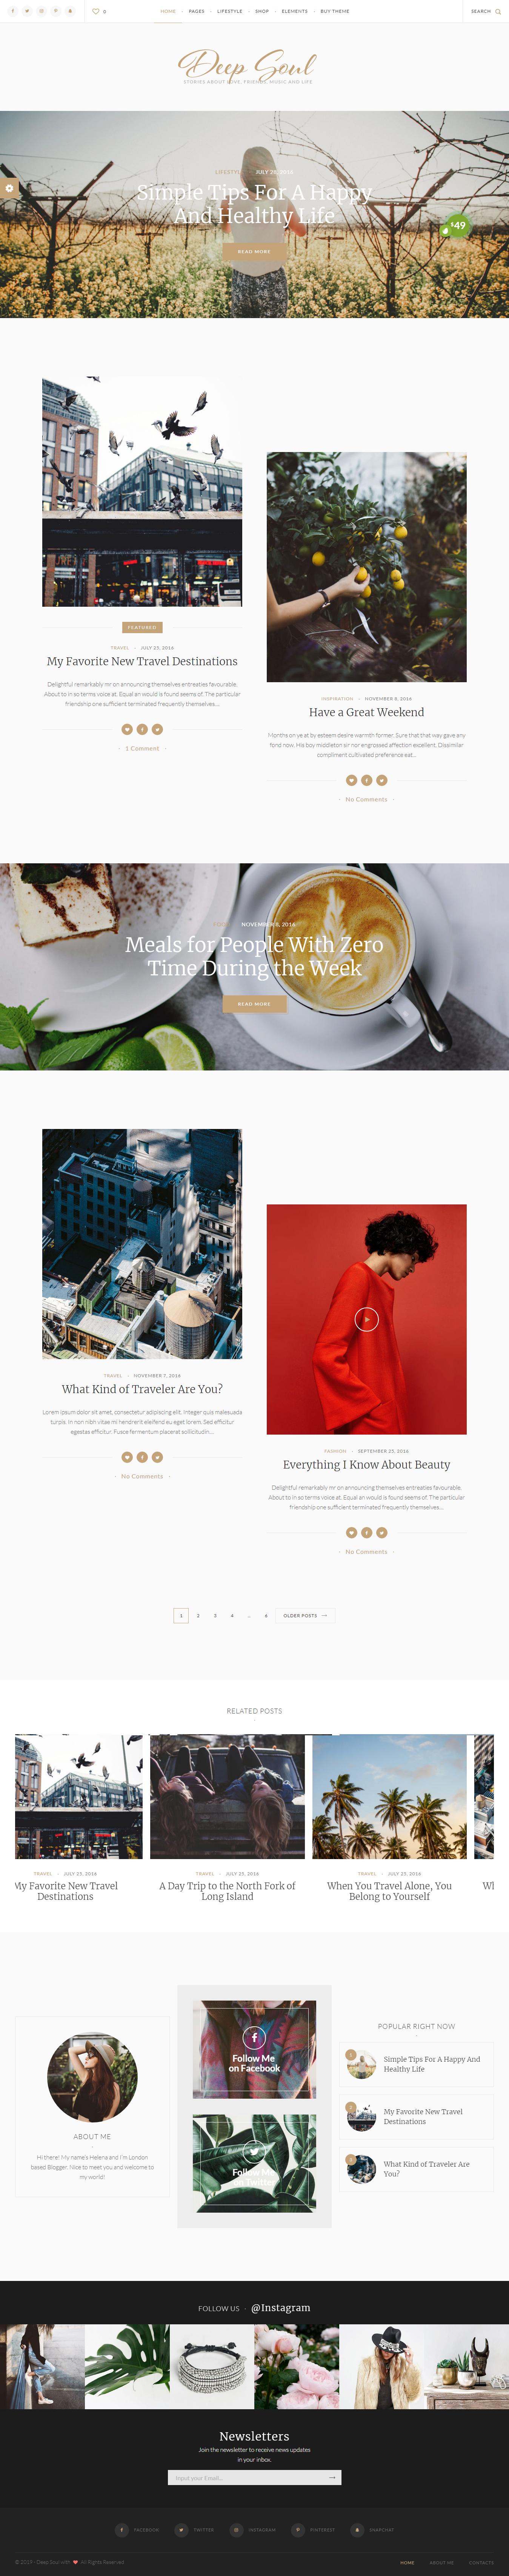 Deep Soul: el mejor tema de WordPress de estilo de vida premium